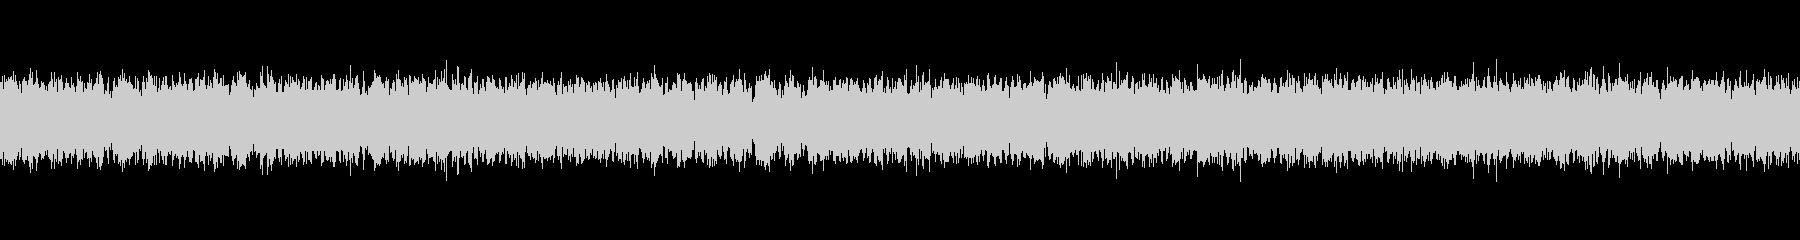 【生録音】ループで使える秋の虫の声 9の未再生の波形